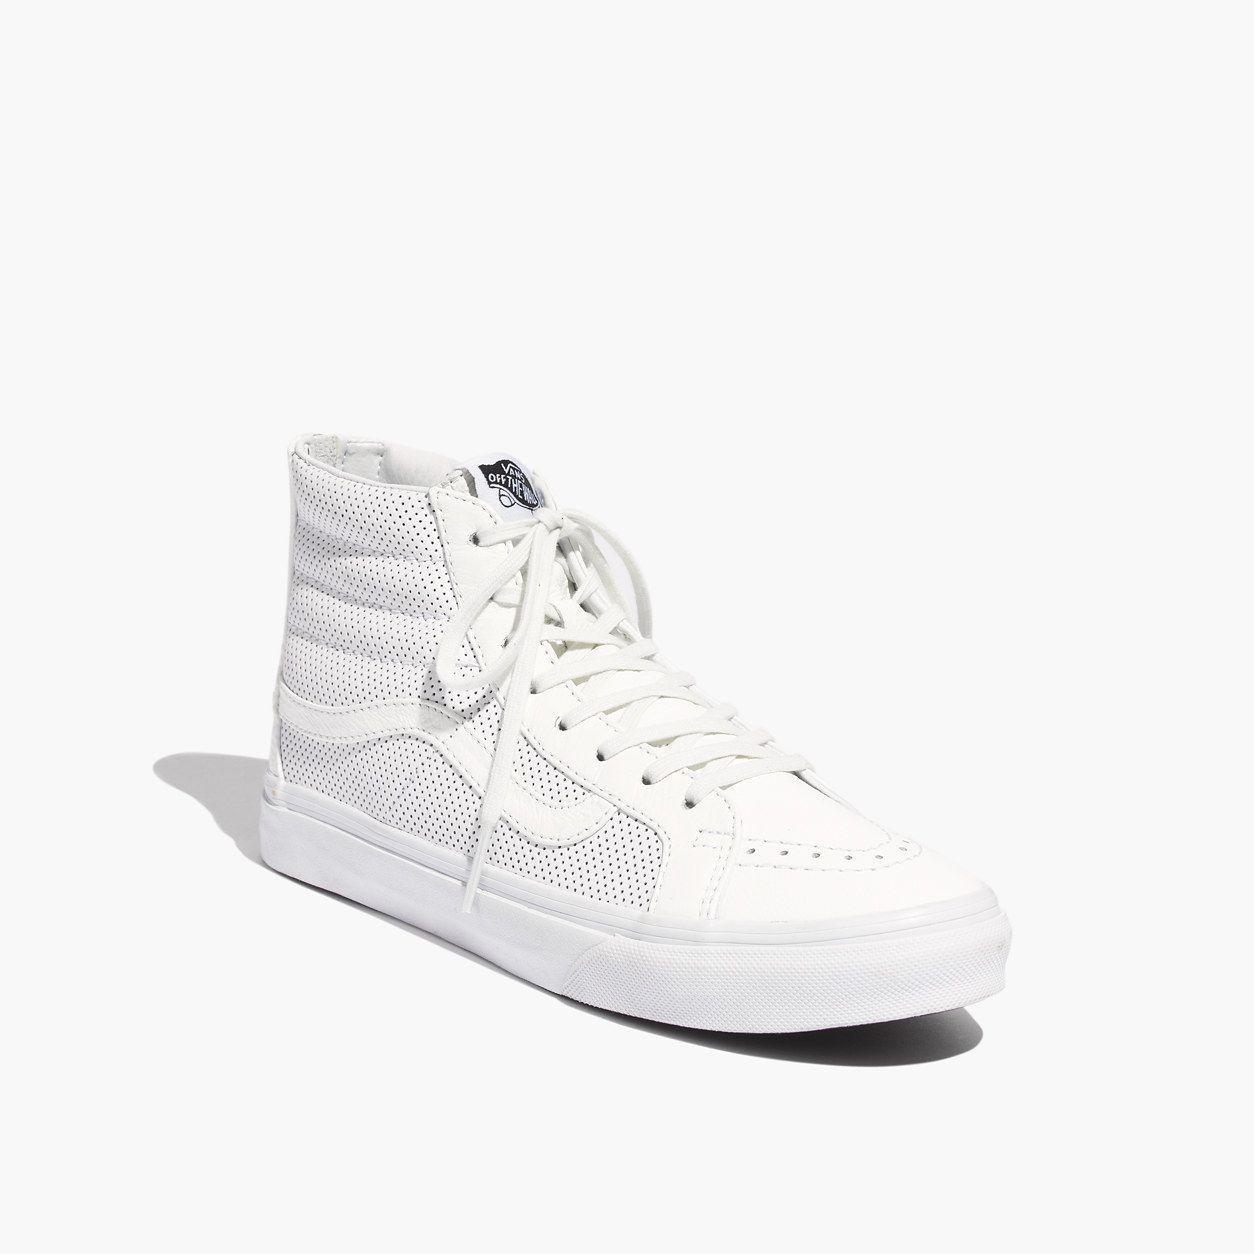 Vans® SK8-Hi Slim Zip High-Top Sneakers in Perforated Leather   sneakers  efb357034